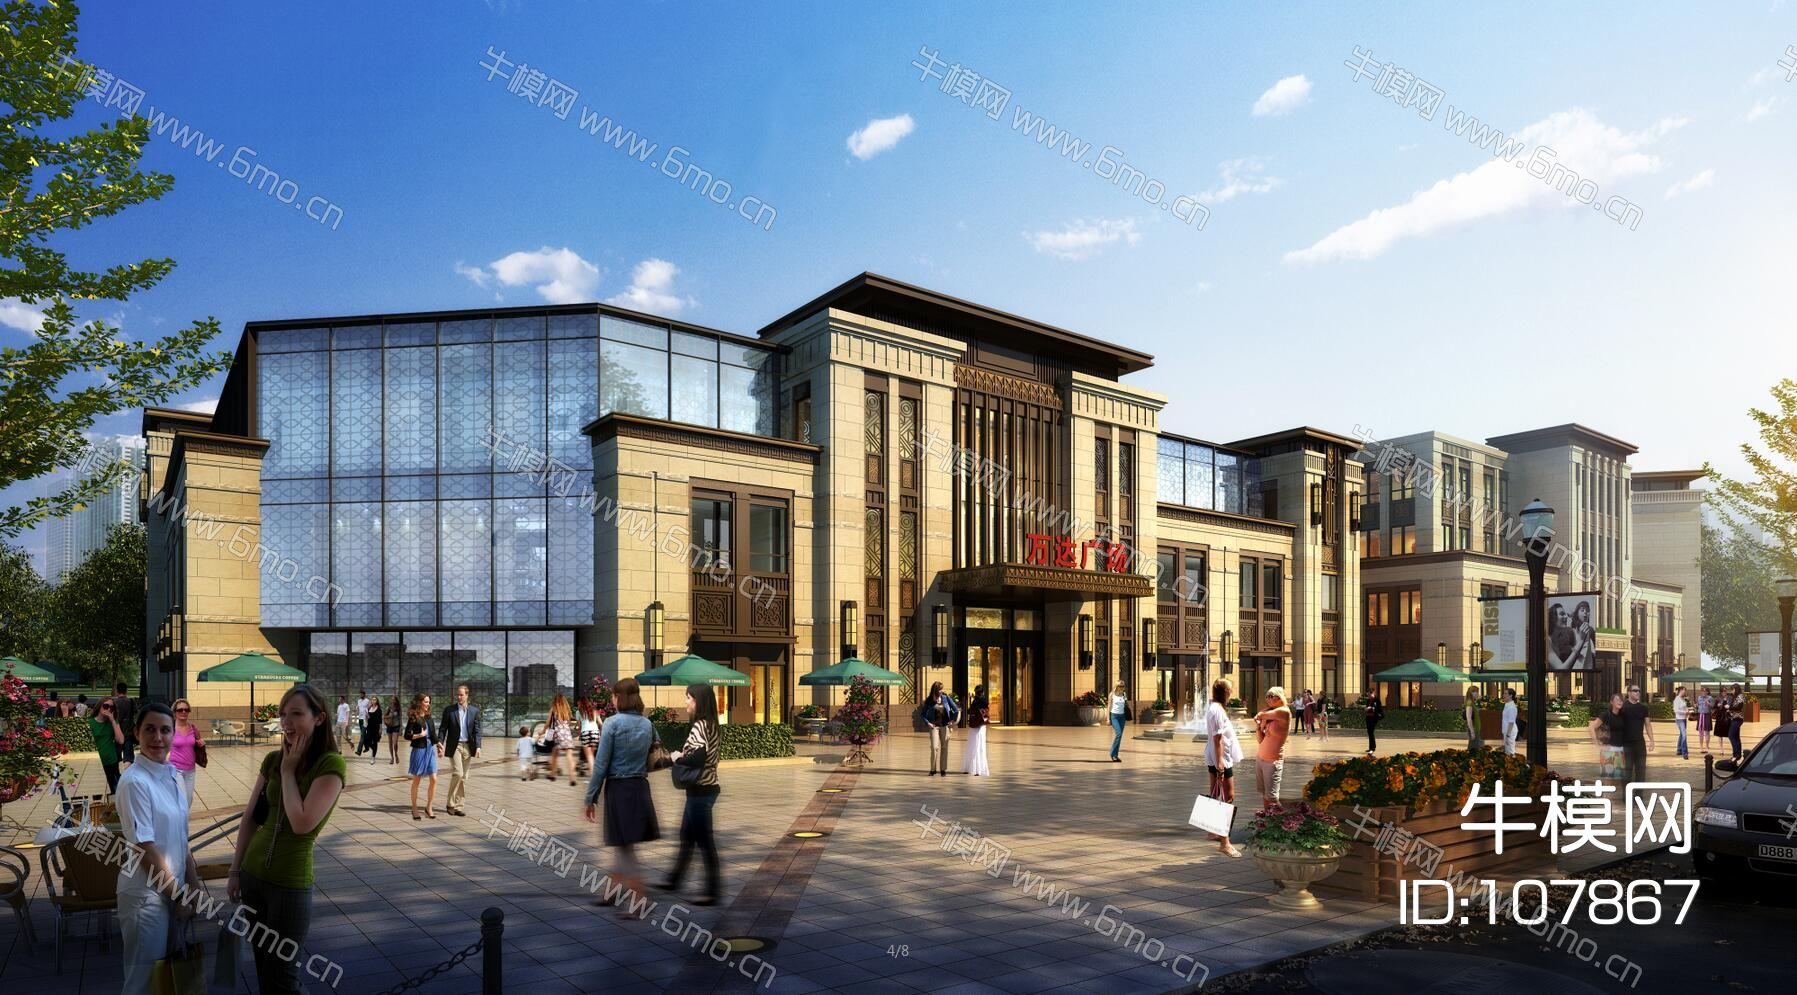 天津万达广场售楼处大都会新古典风格